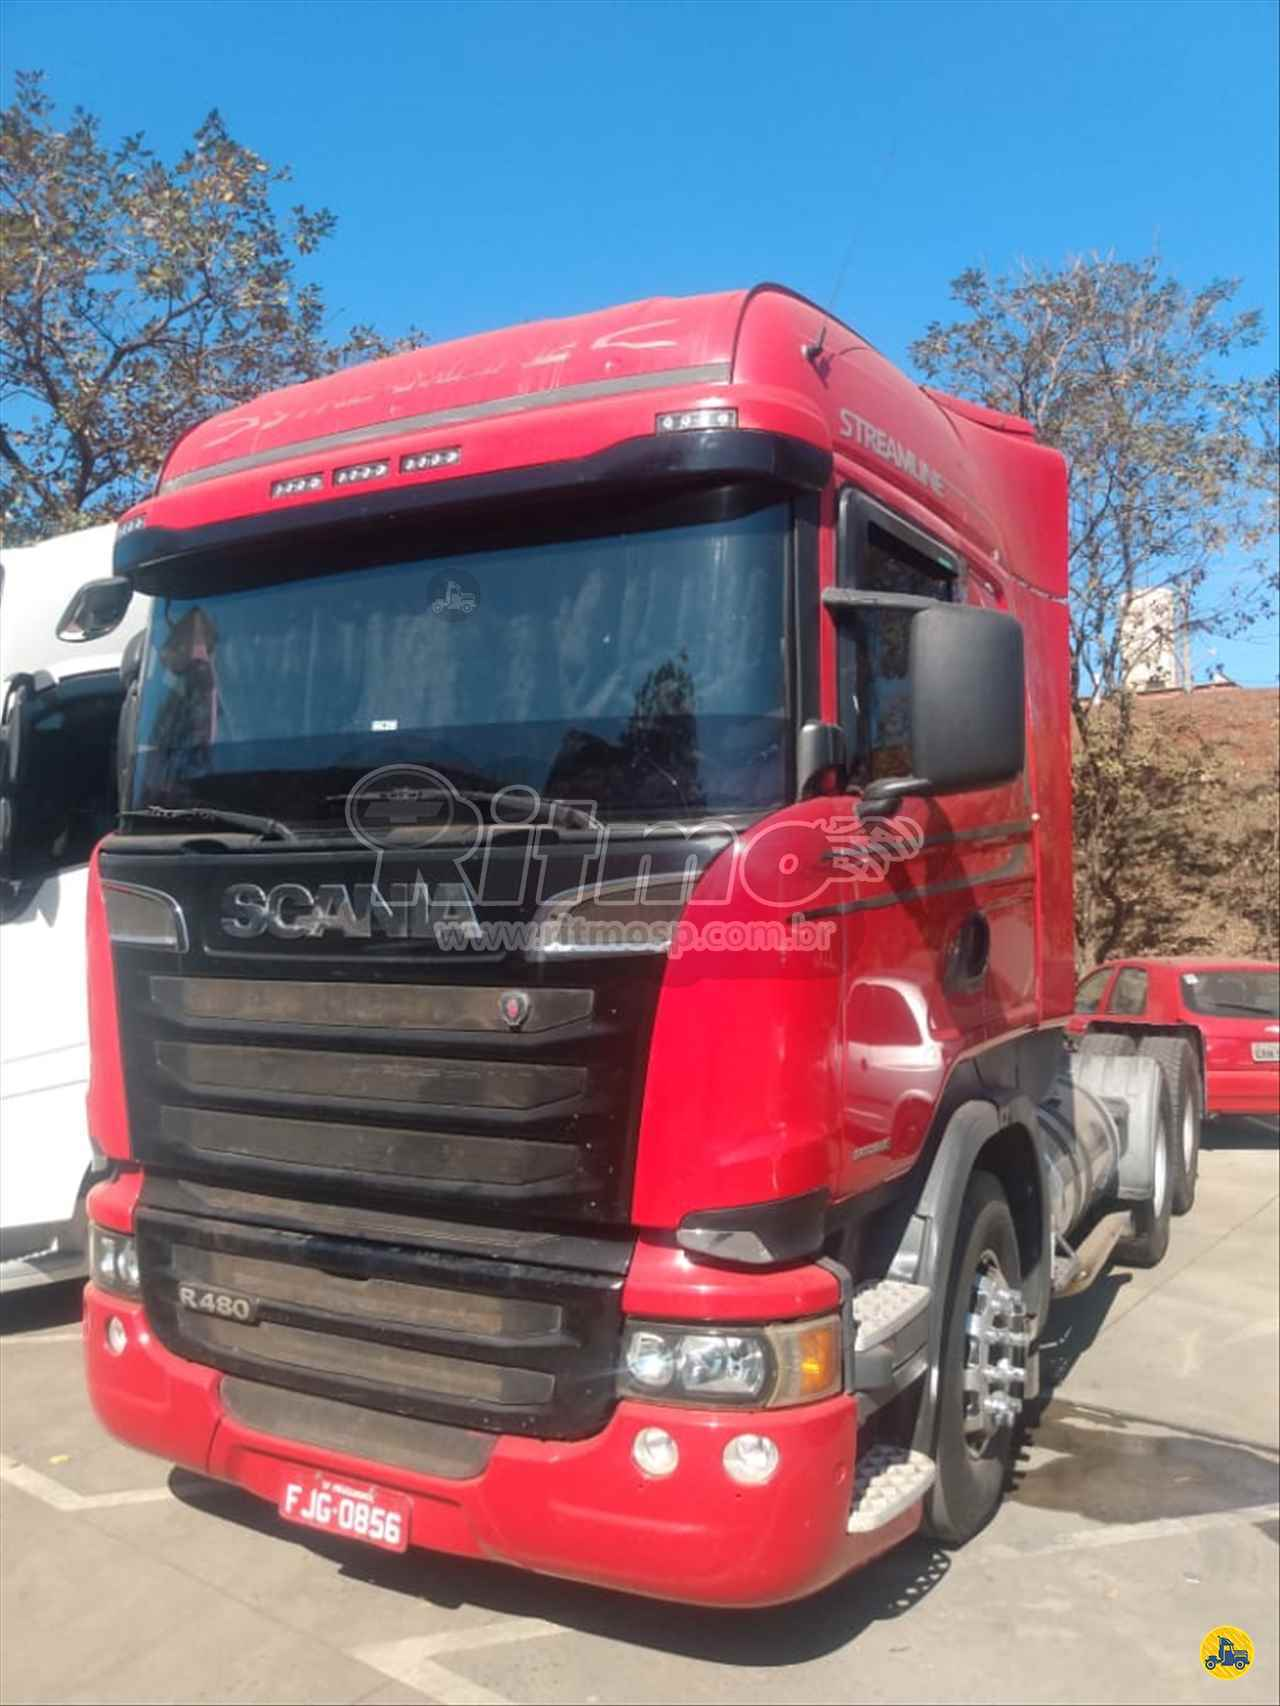 CAMINHAO SCANIA SCANIA 480 Chassis Traçado 6x4 Ritmo SP PIRASSUNUNGA SÃO PAULO SP